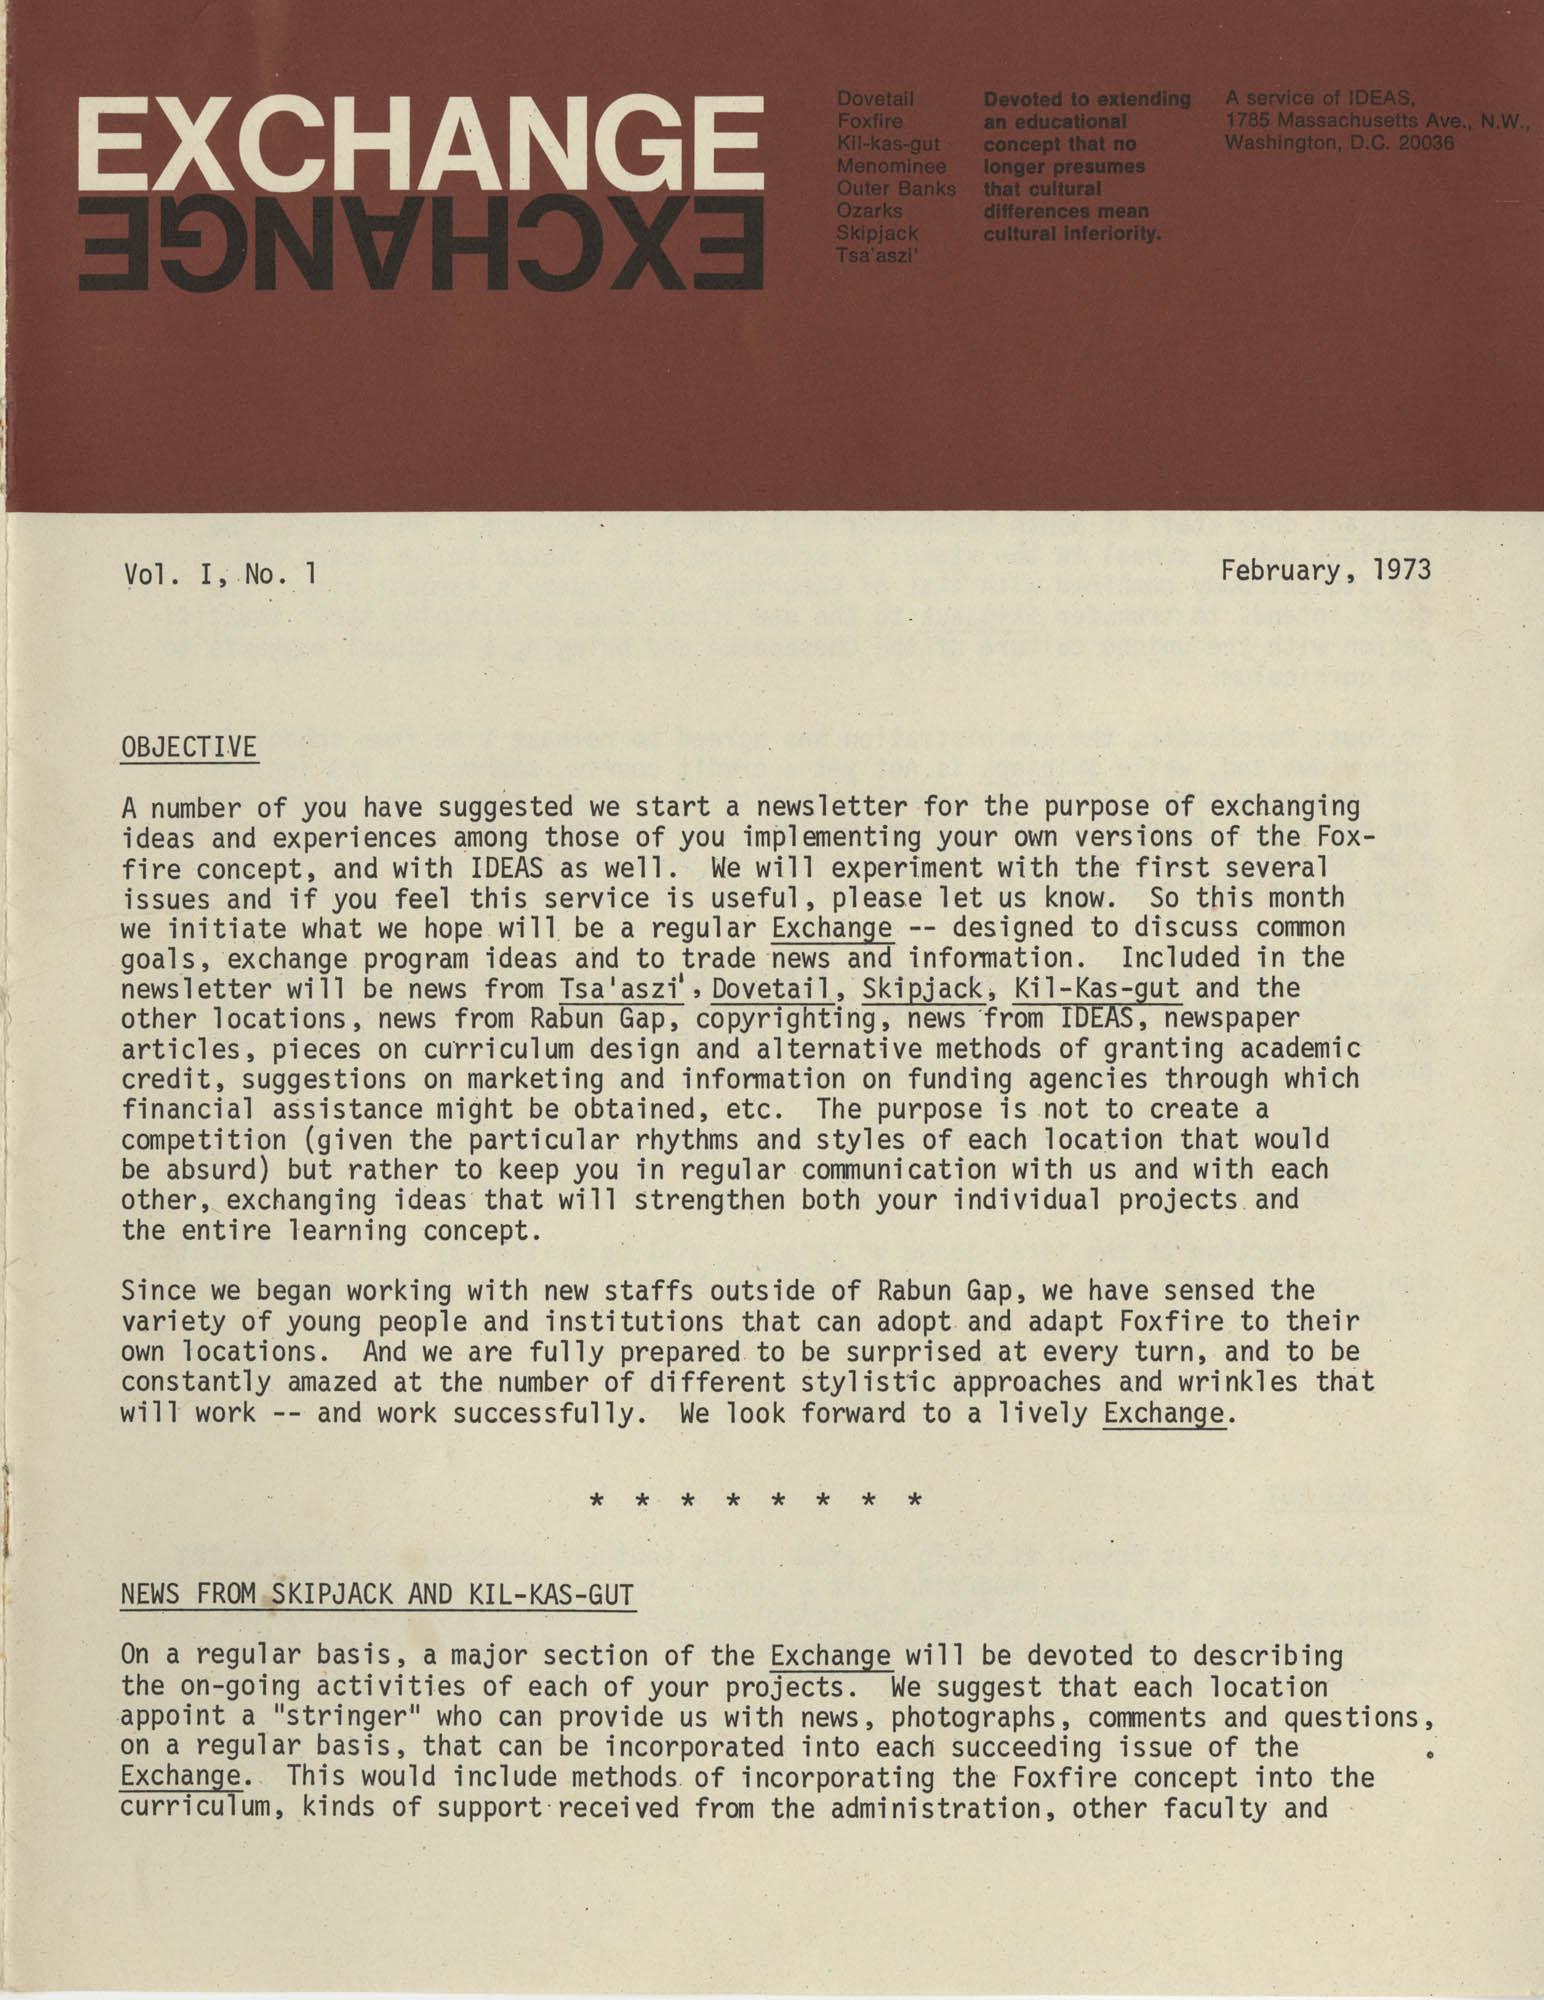 Exchange, Vol. 1, No. 1, Page 1